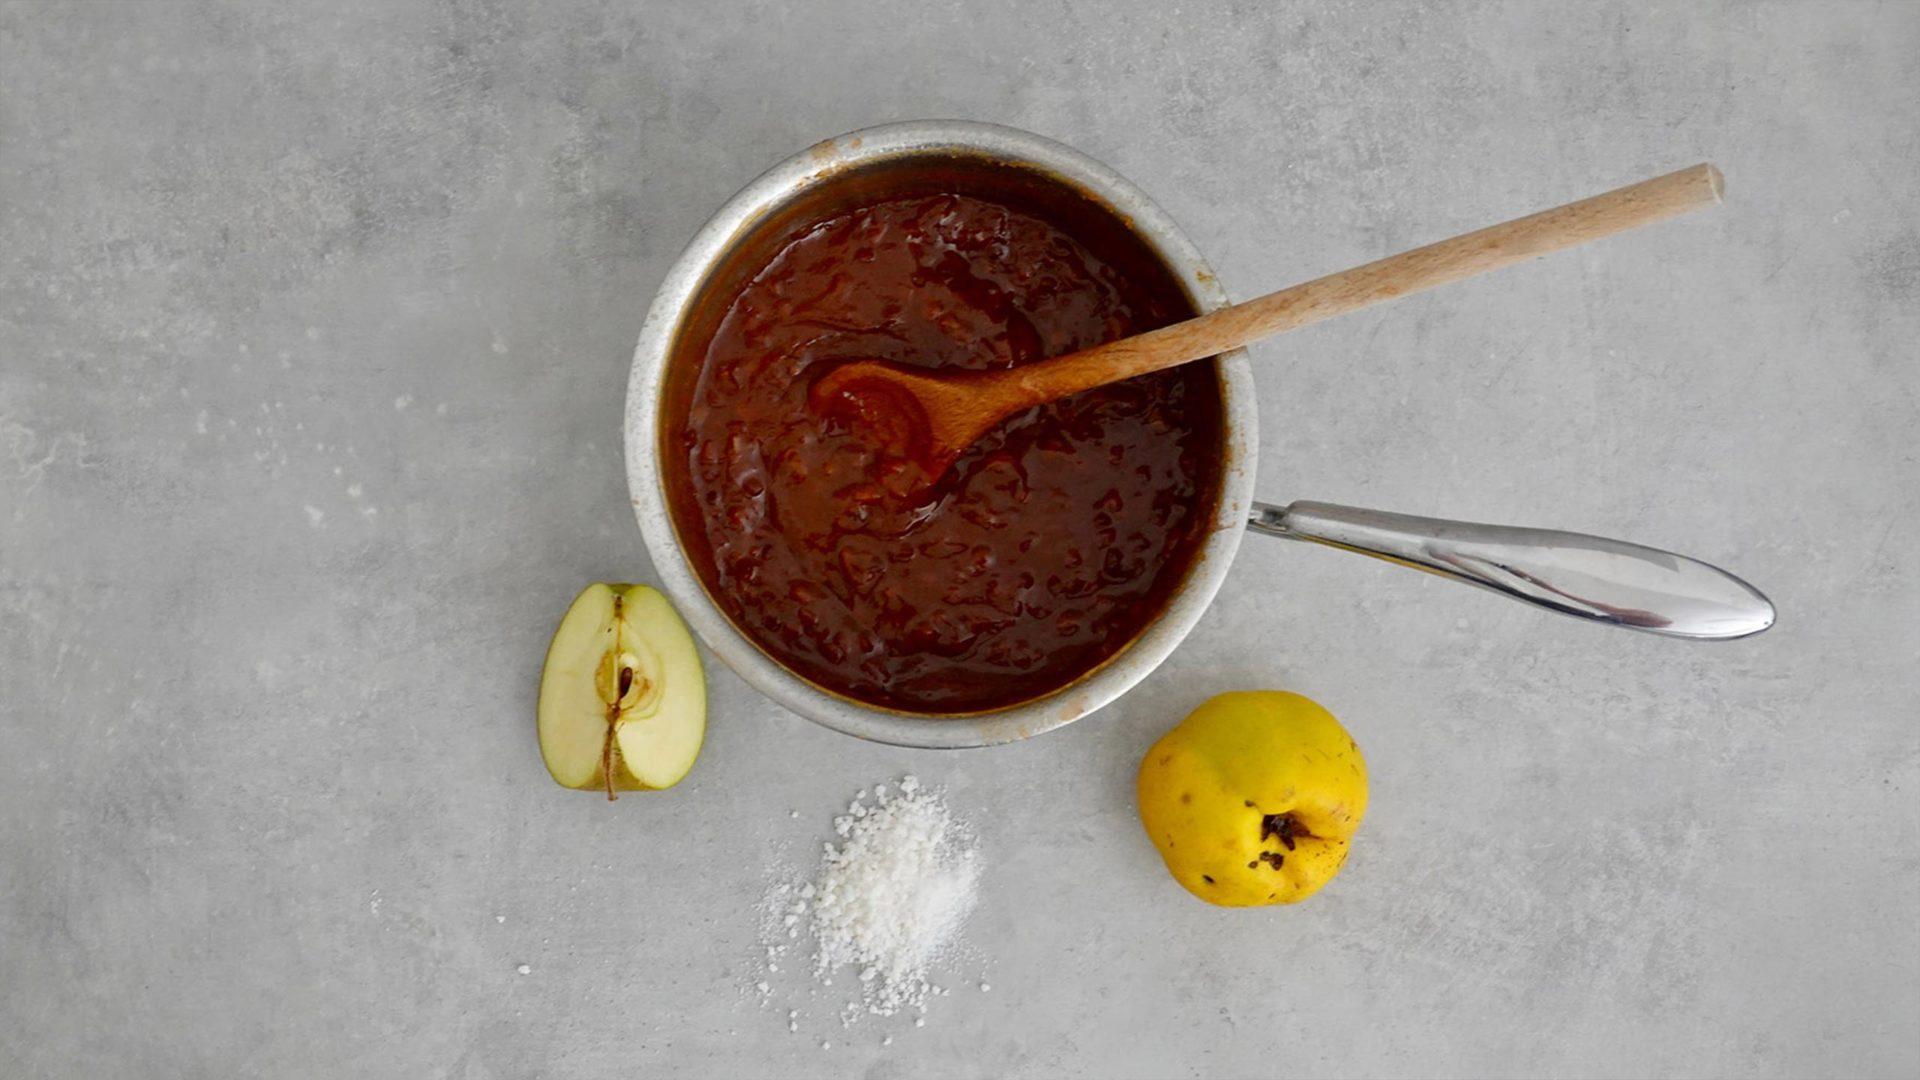 Marmelade im Topf